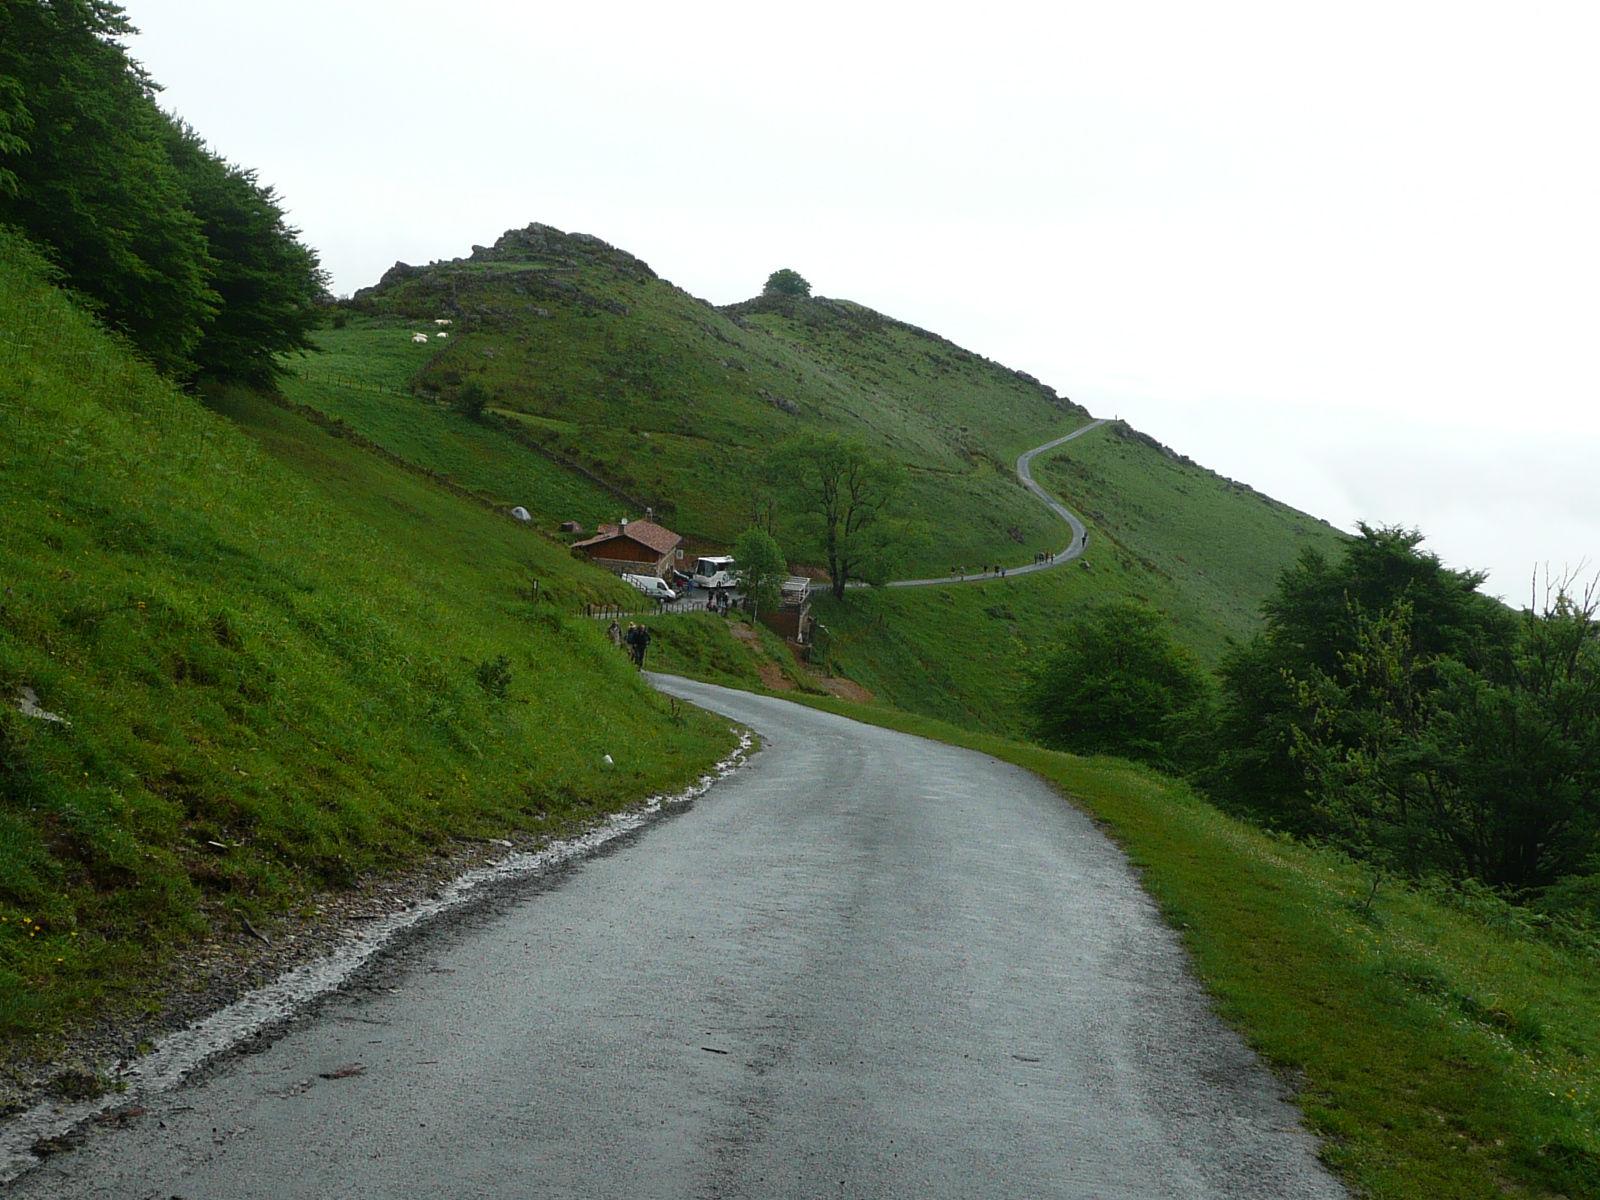 Uphill Wallpaper